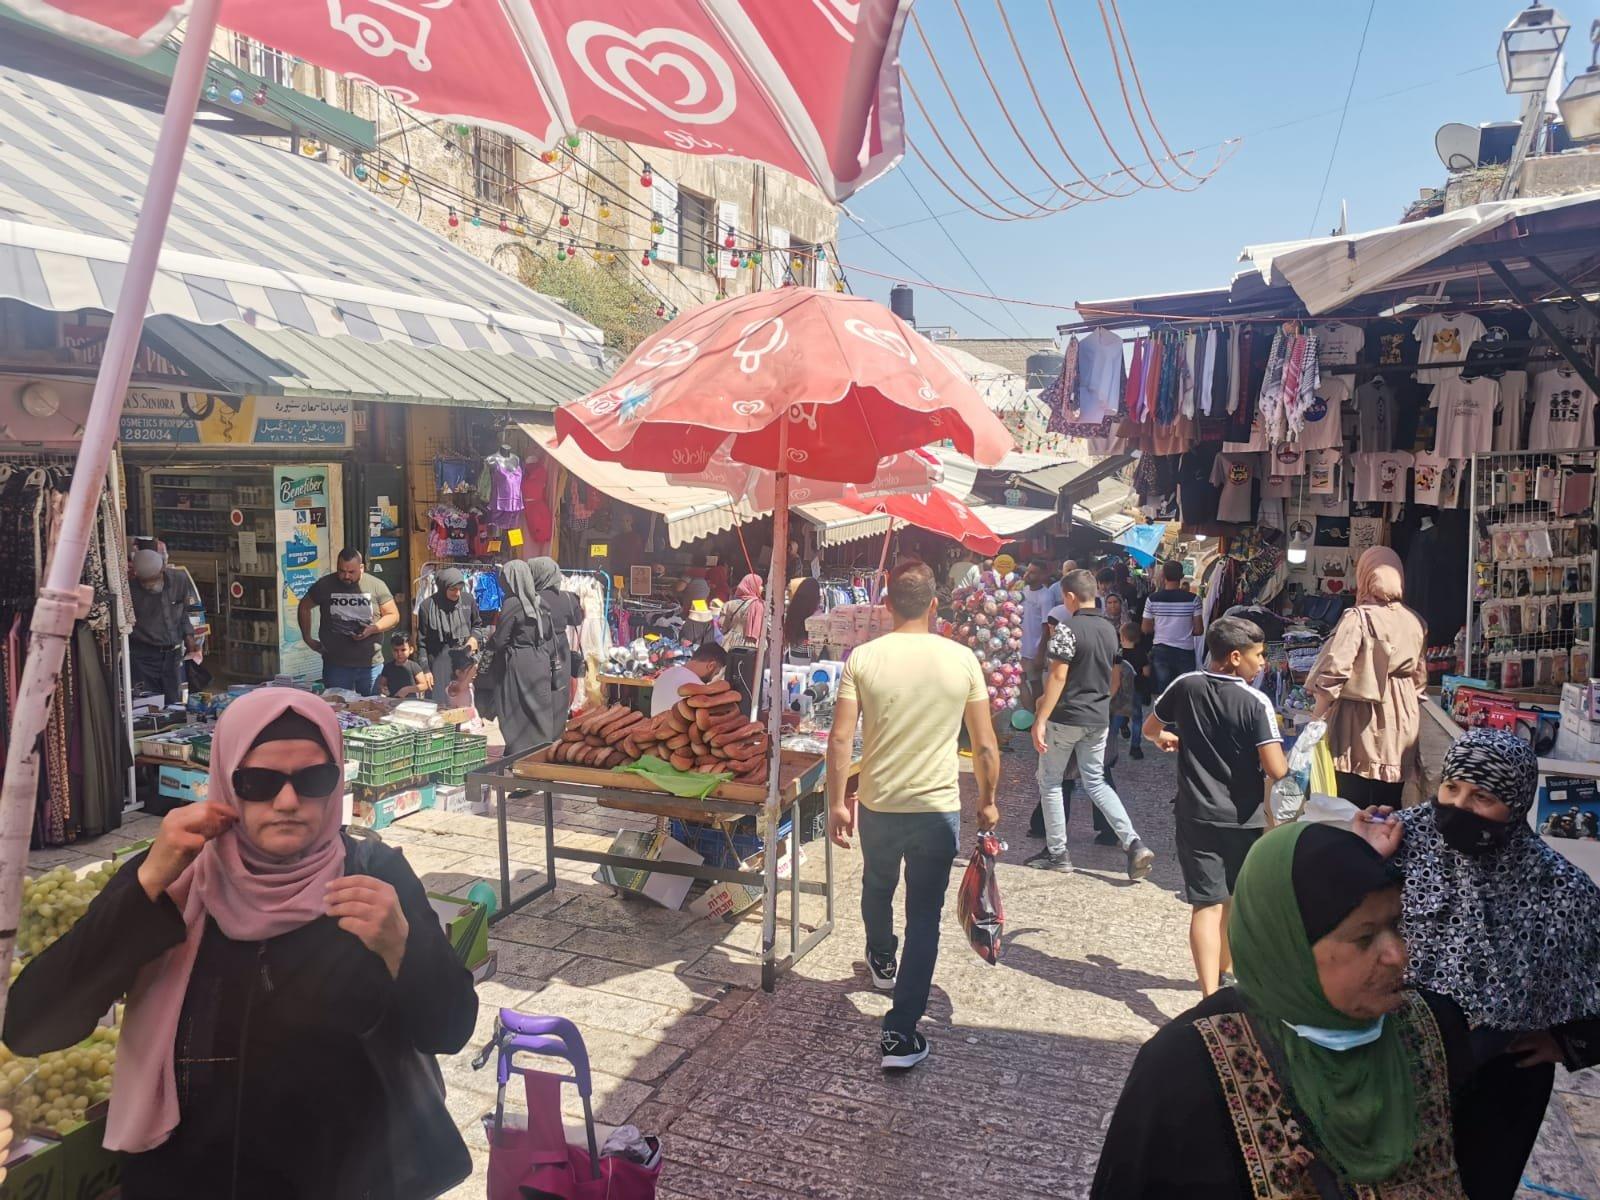 قبيل عيد الأضحى .. الأوضاع الاقتصادية والسياسية تلقي بظلالها على أسواق القدس-2